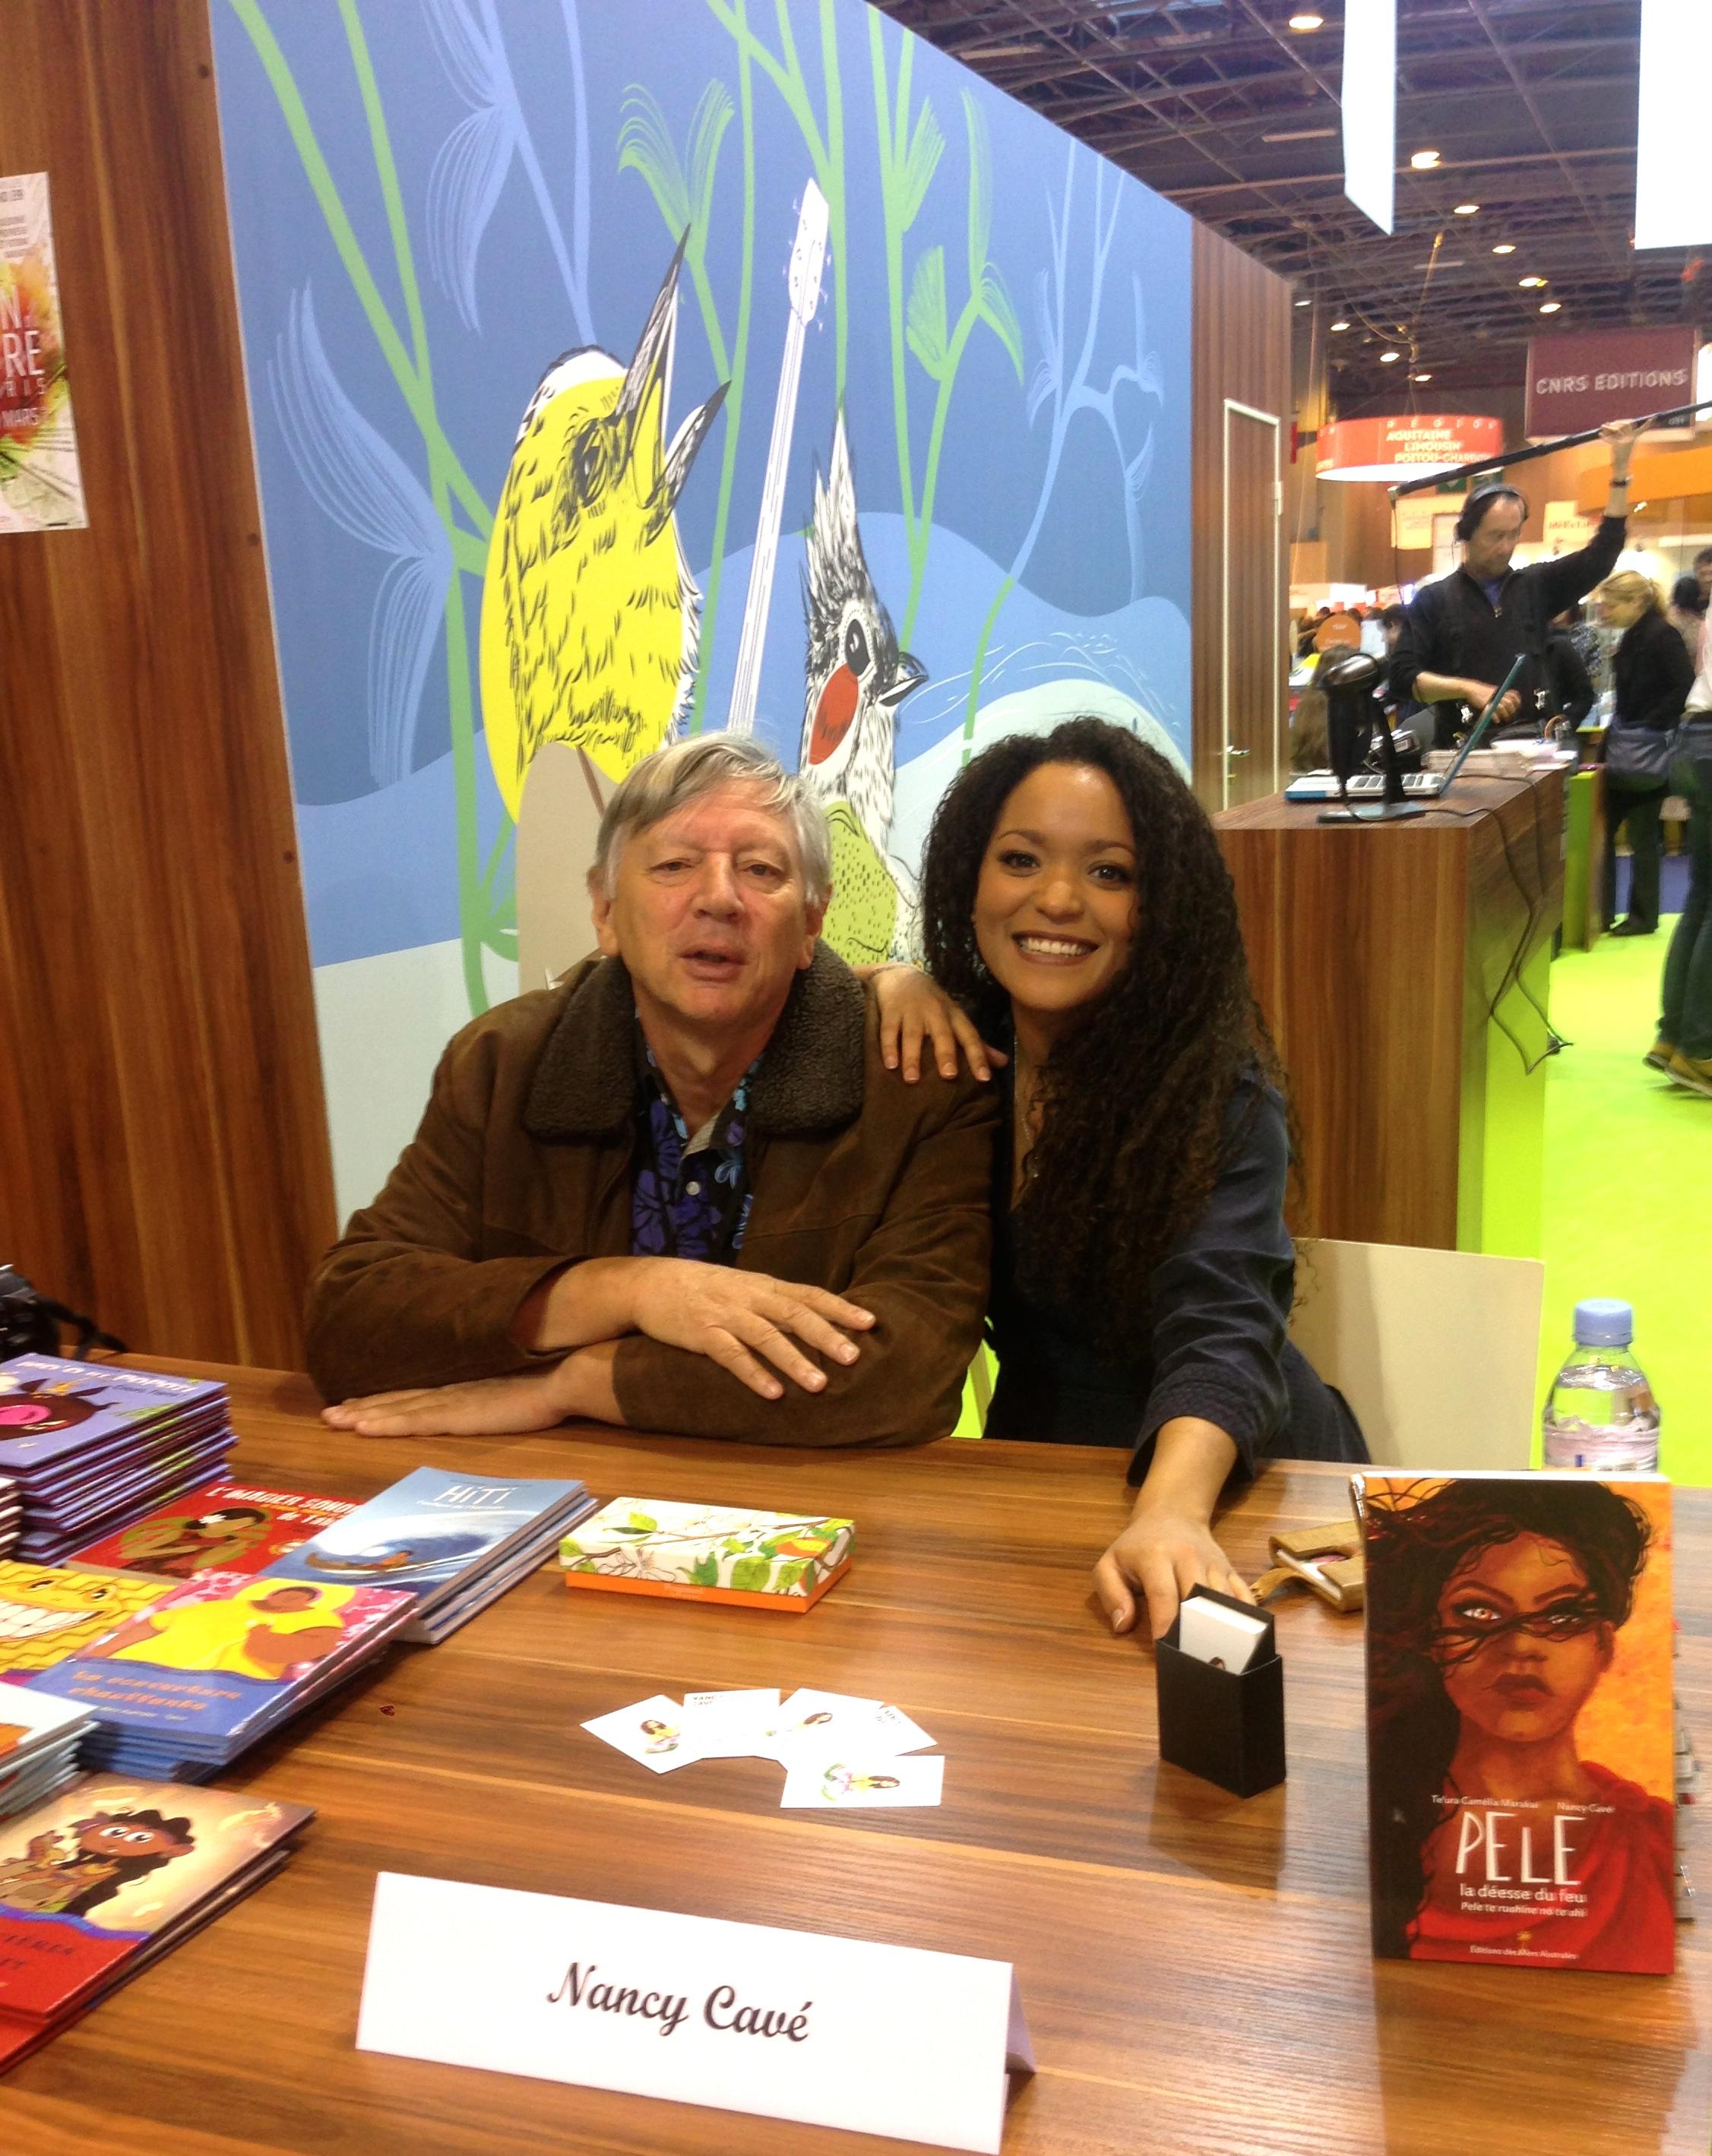 Nancy Cavé, illustratrice et son éditeur - Éditions des Mers Australes